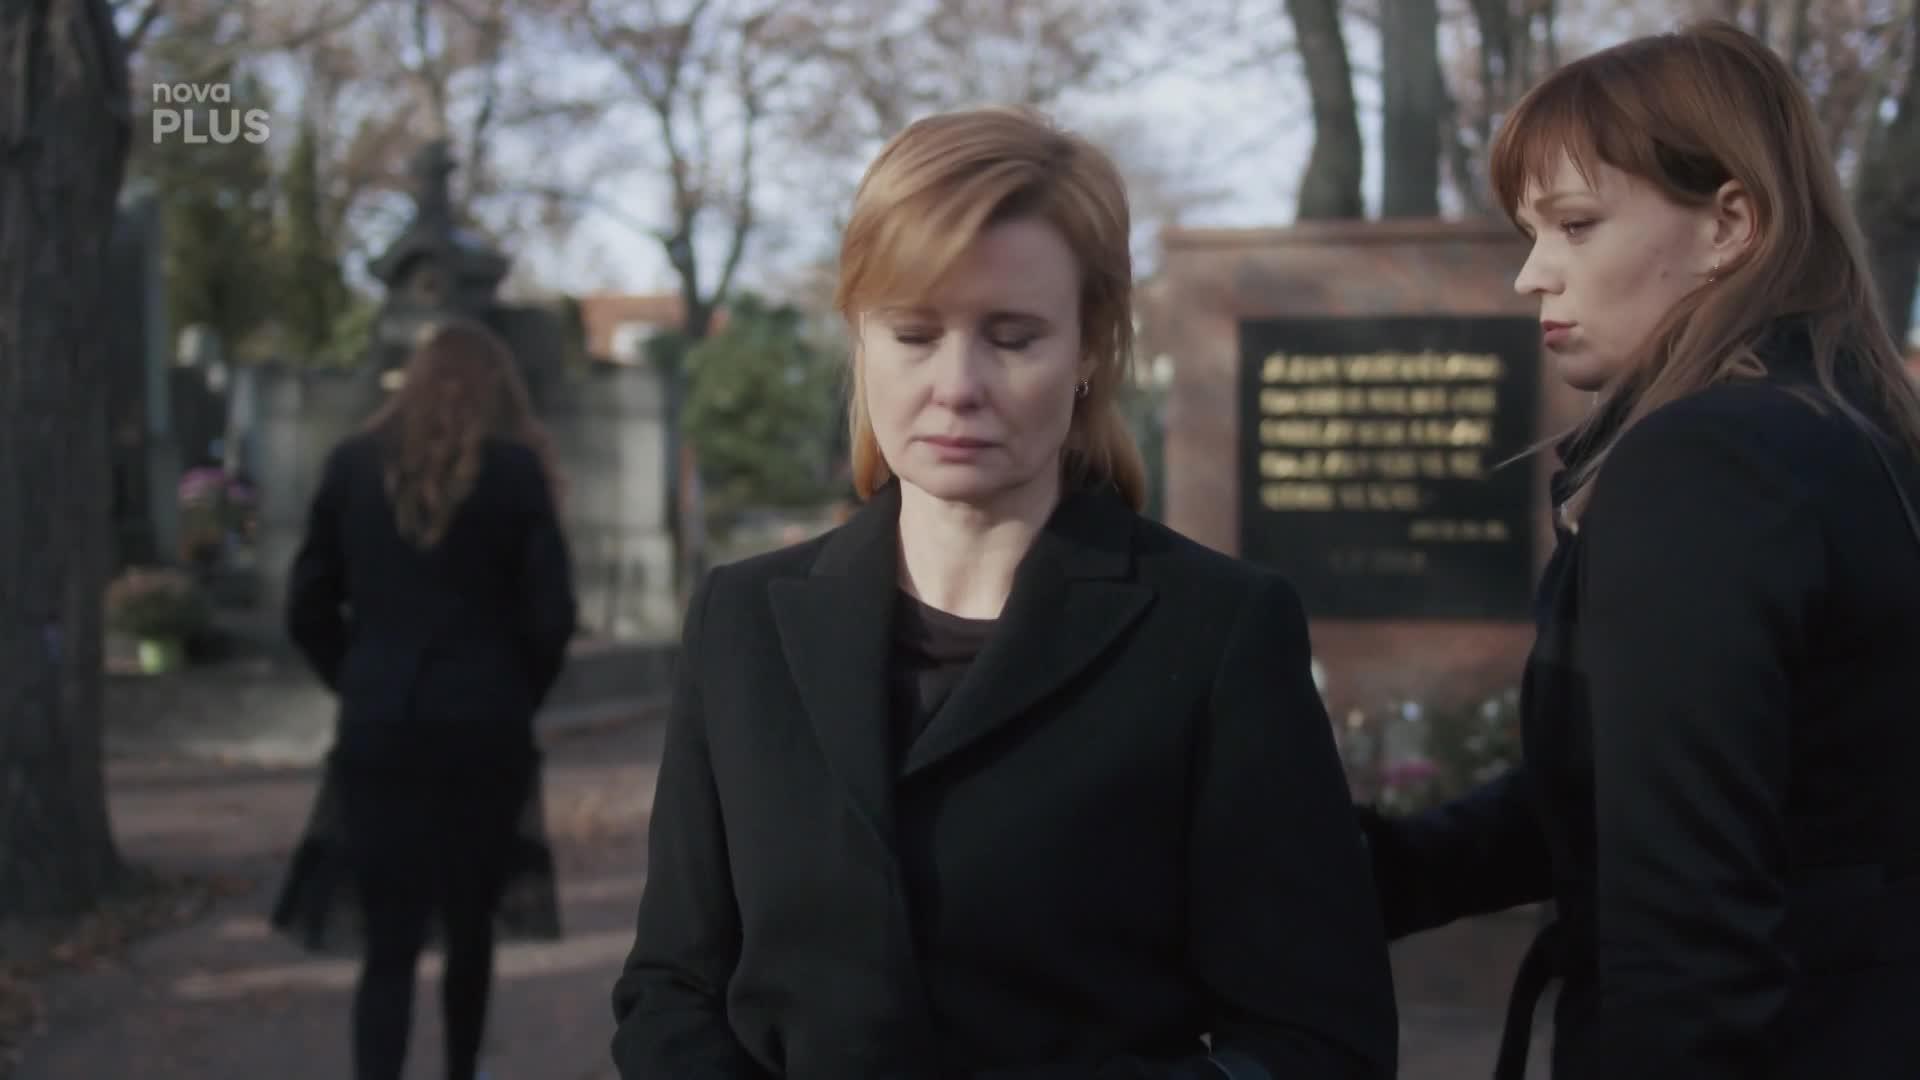 Pohřeb vAnatomii: Ze slov hereček doslova mrazí!